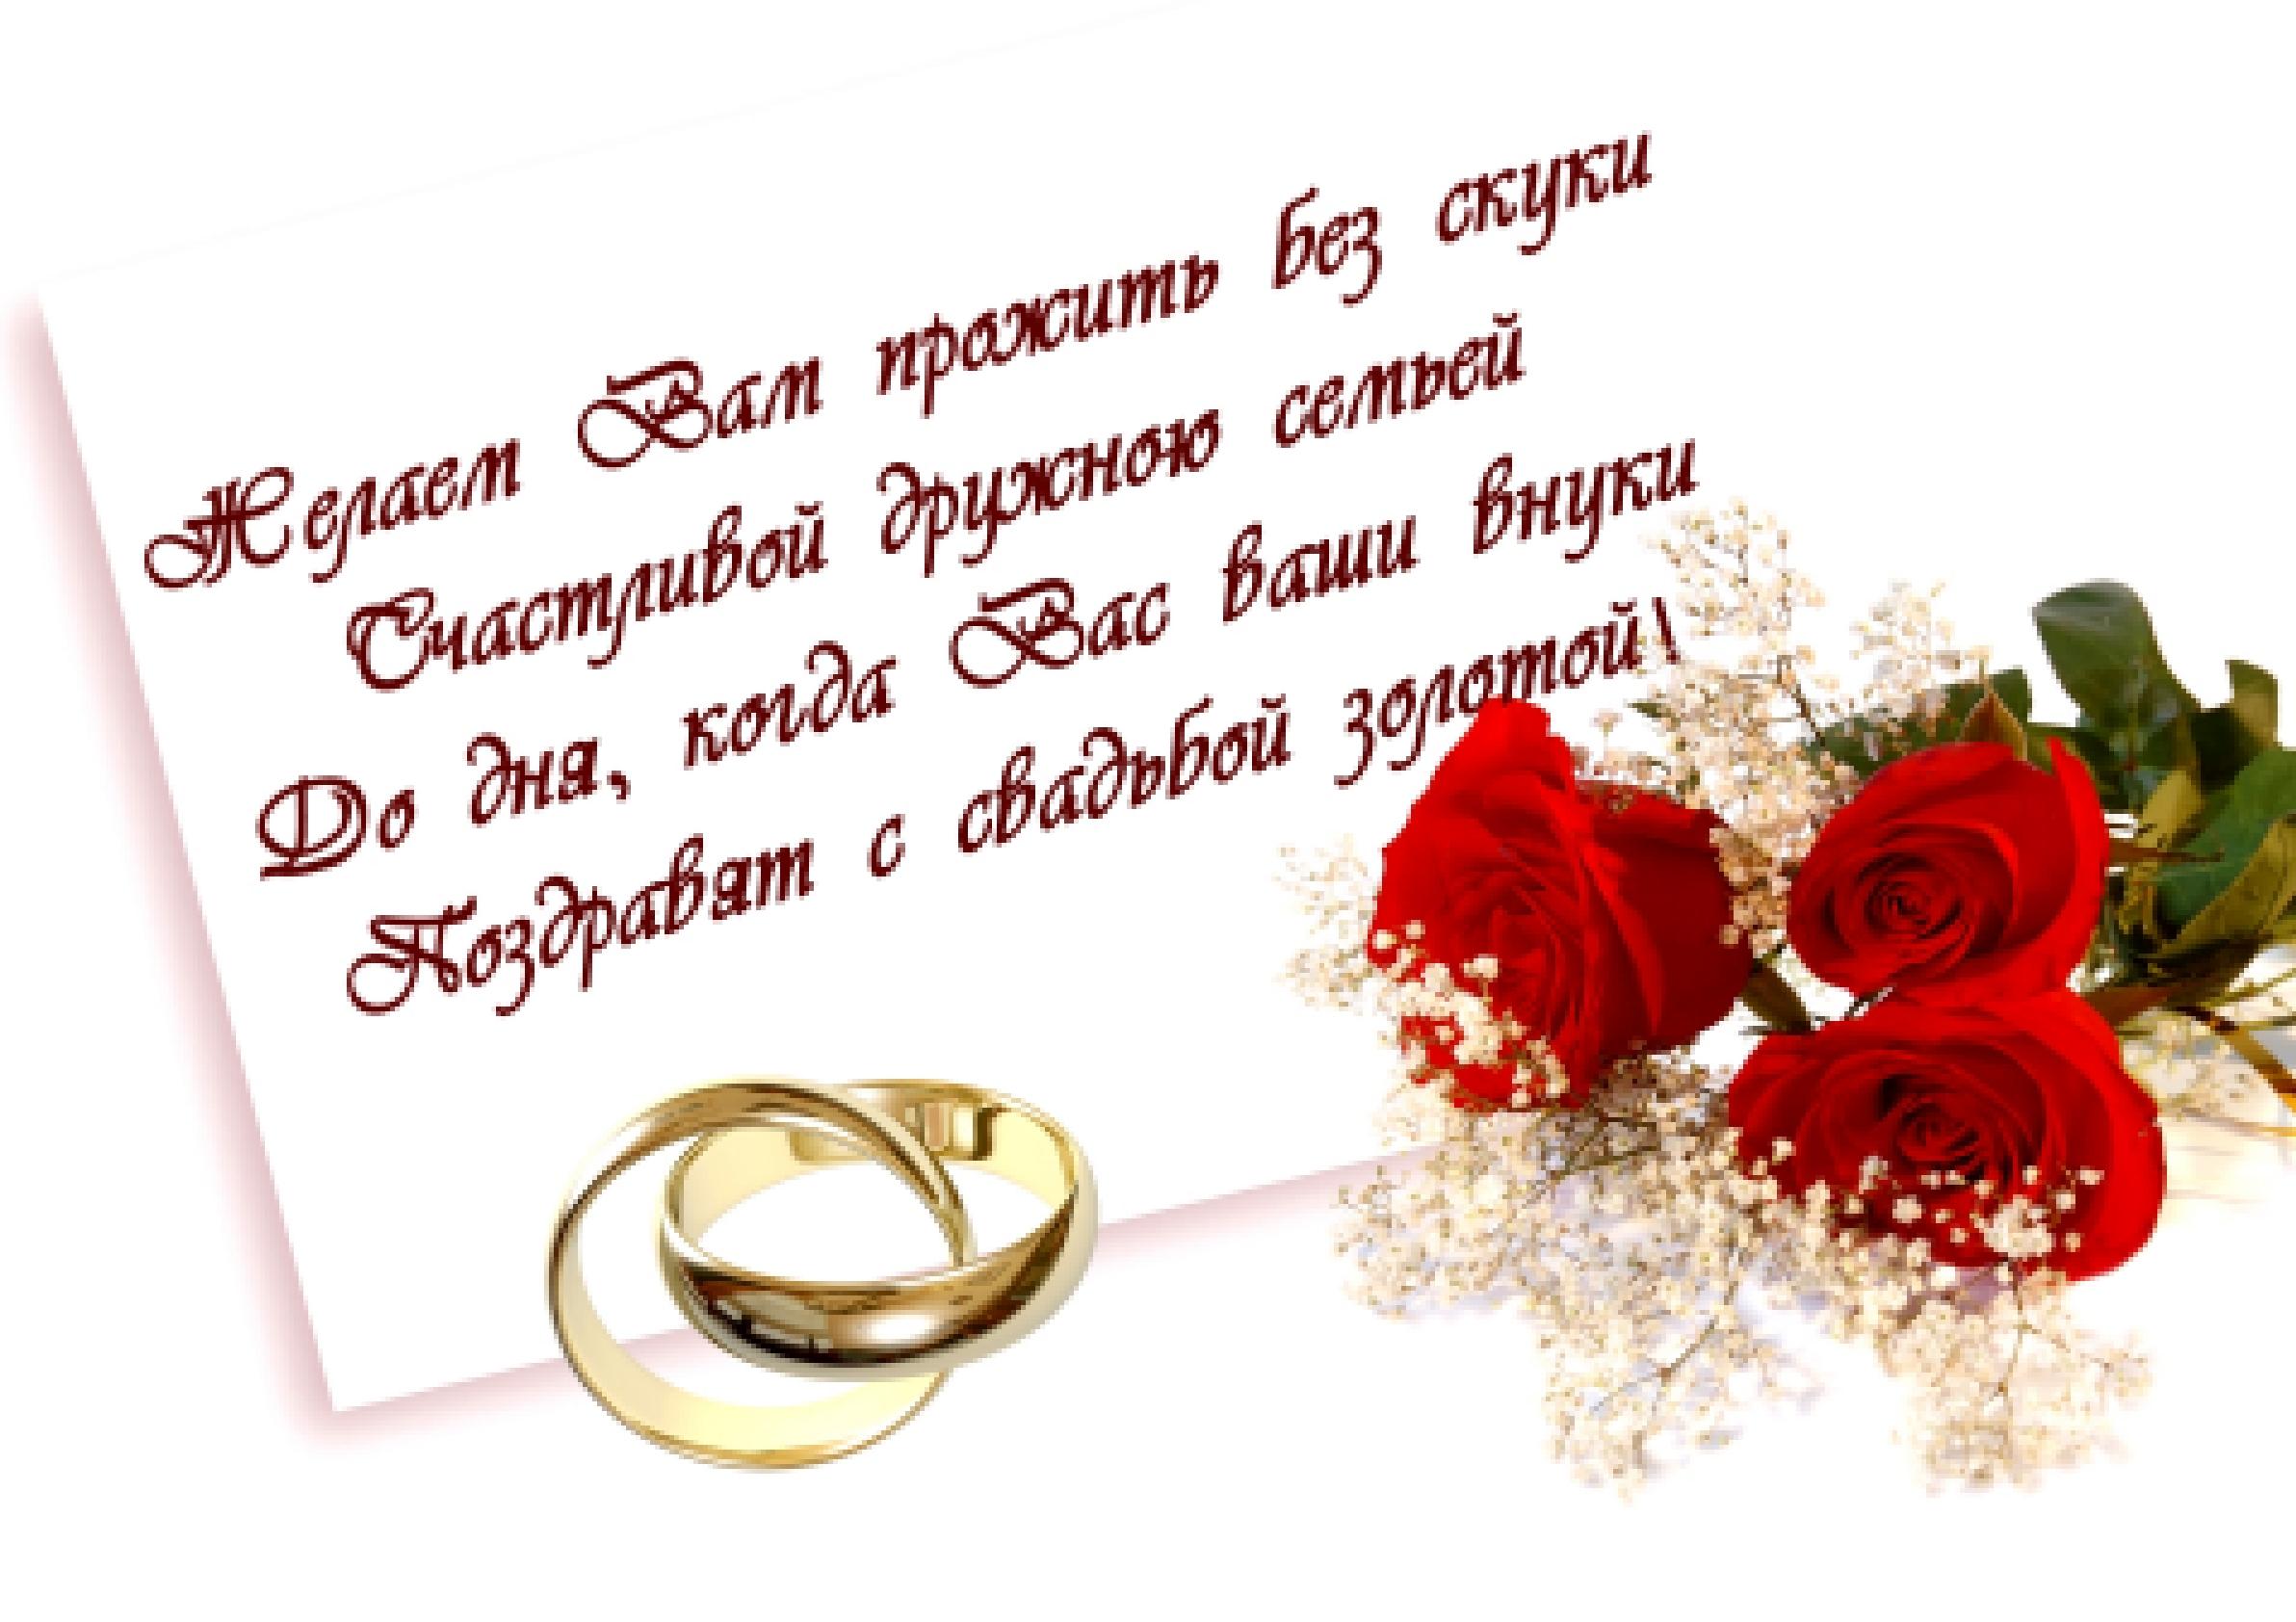 Korotkie sms pozdravleniya na svadybu_1